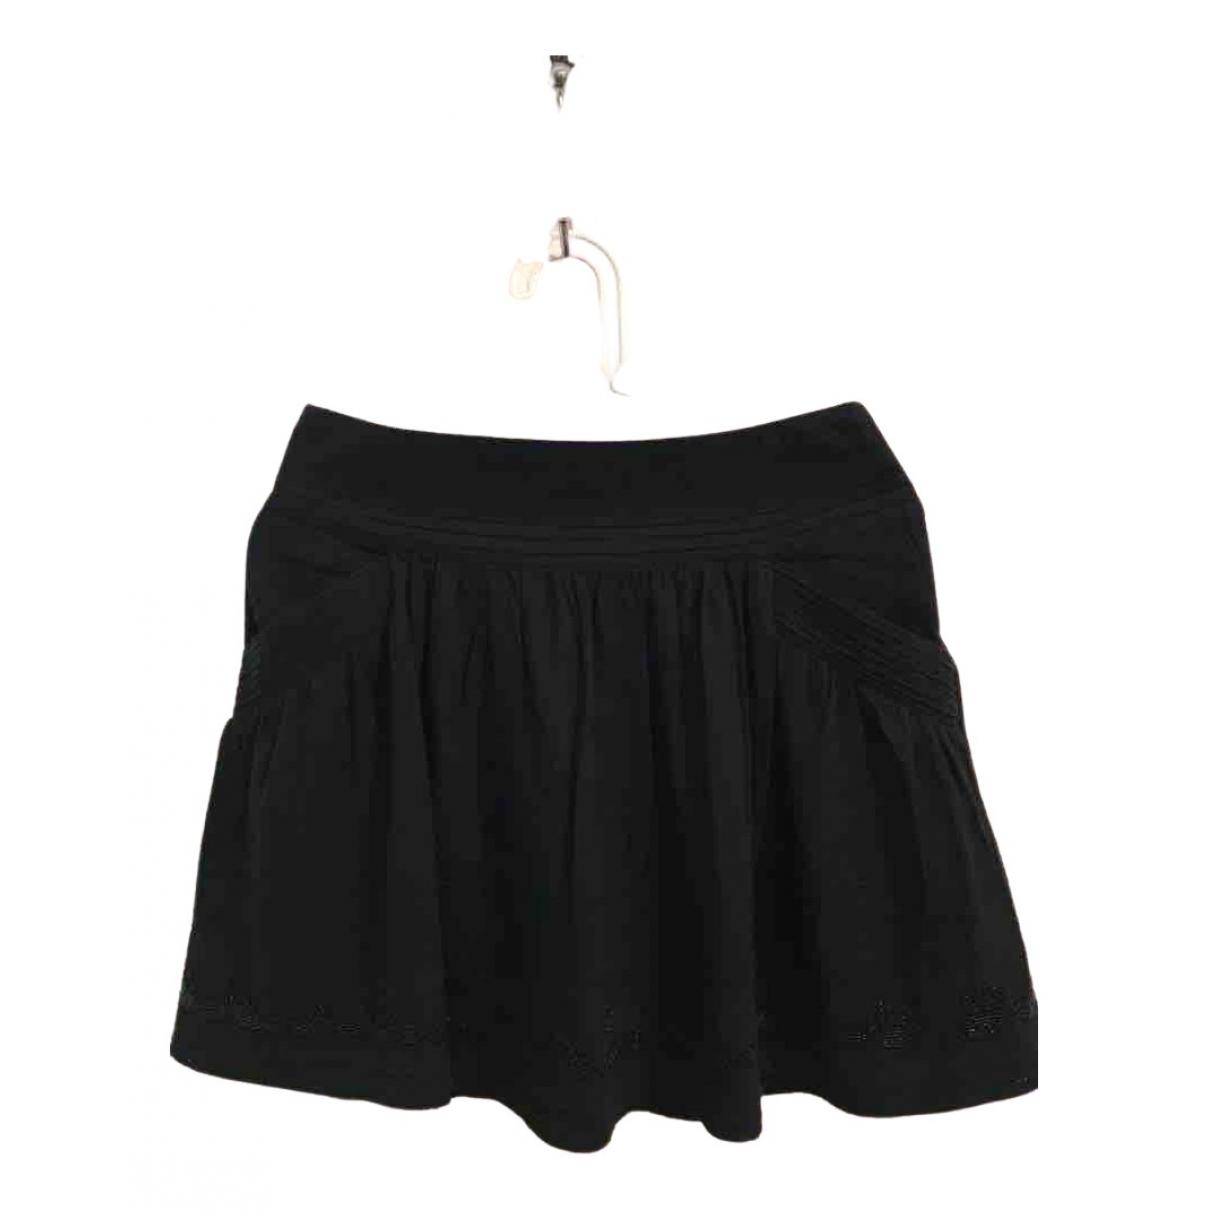 Sandro \N Black Cotton skirt for Women 1 0-5